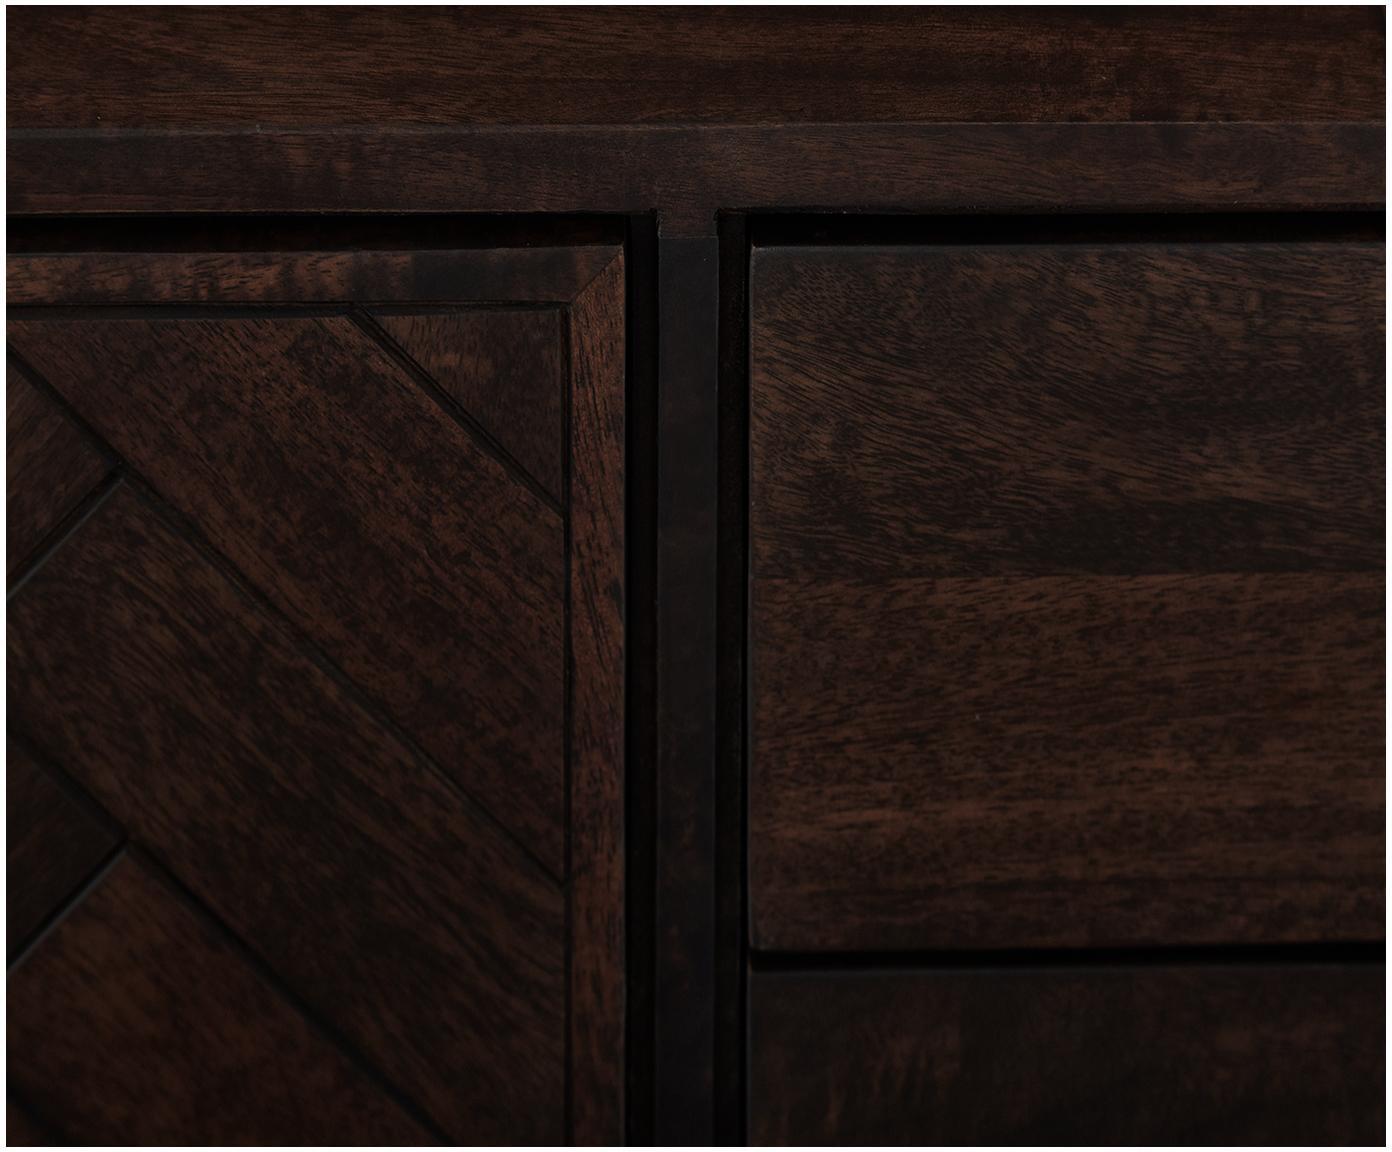 Szafka niska w jodełkę Luca, Korpus: lite drewno mangowe, Stelaż: metal powlekany, Ciemny brązowy, S 180 x W 54 cm